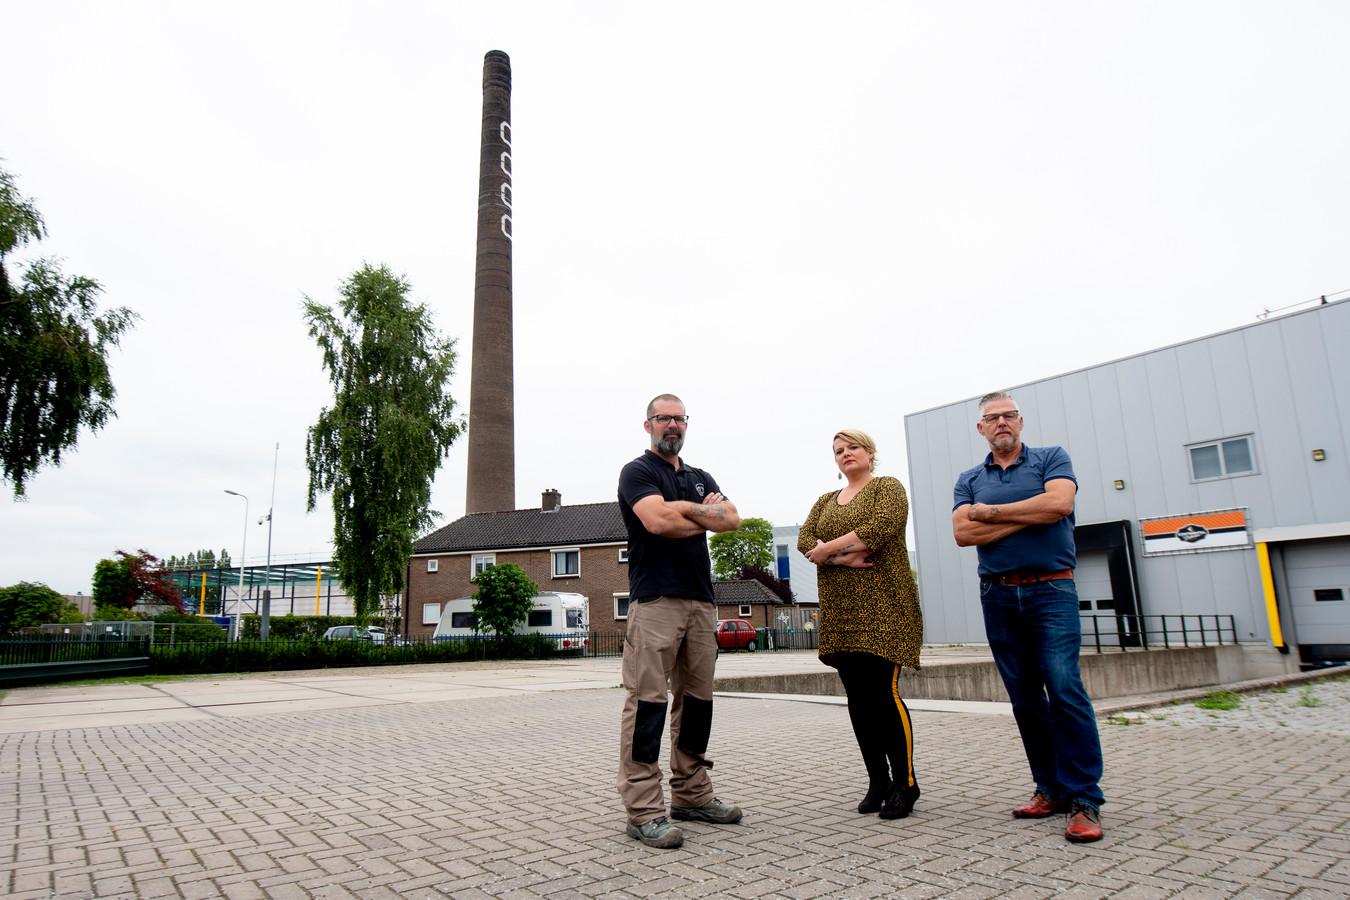 De buren die in 2019 een handtekeningenactie begonnen voor behoud van de Deventer 'knuffelpijp'.